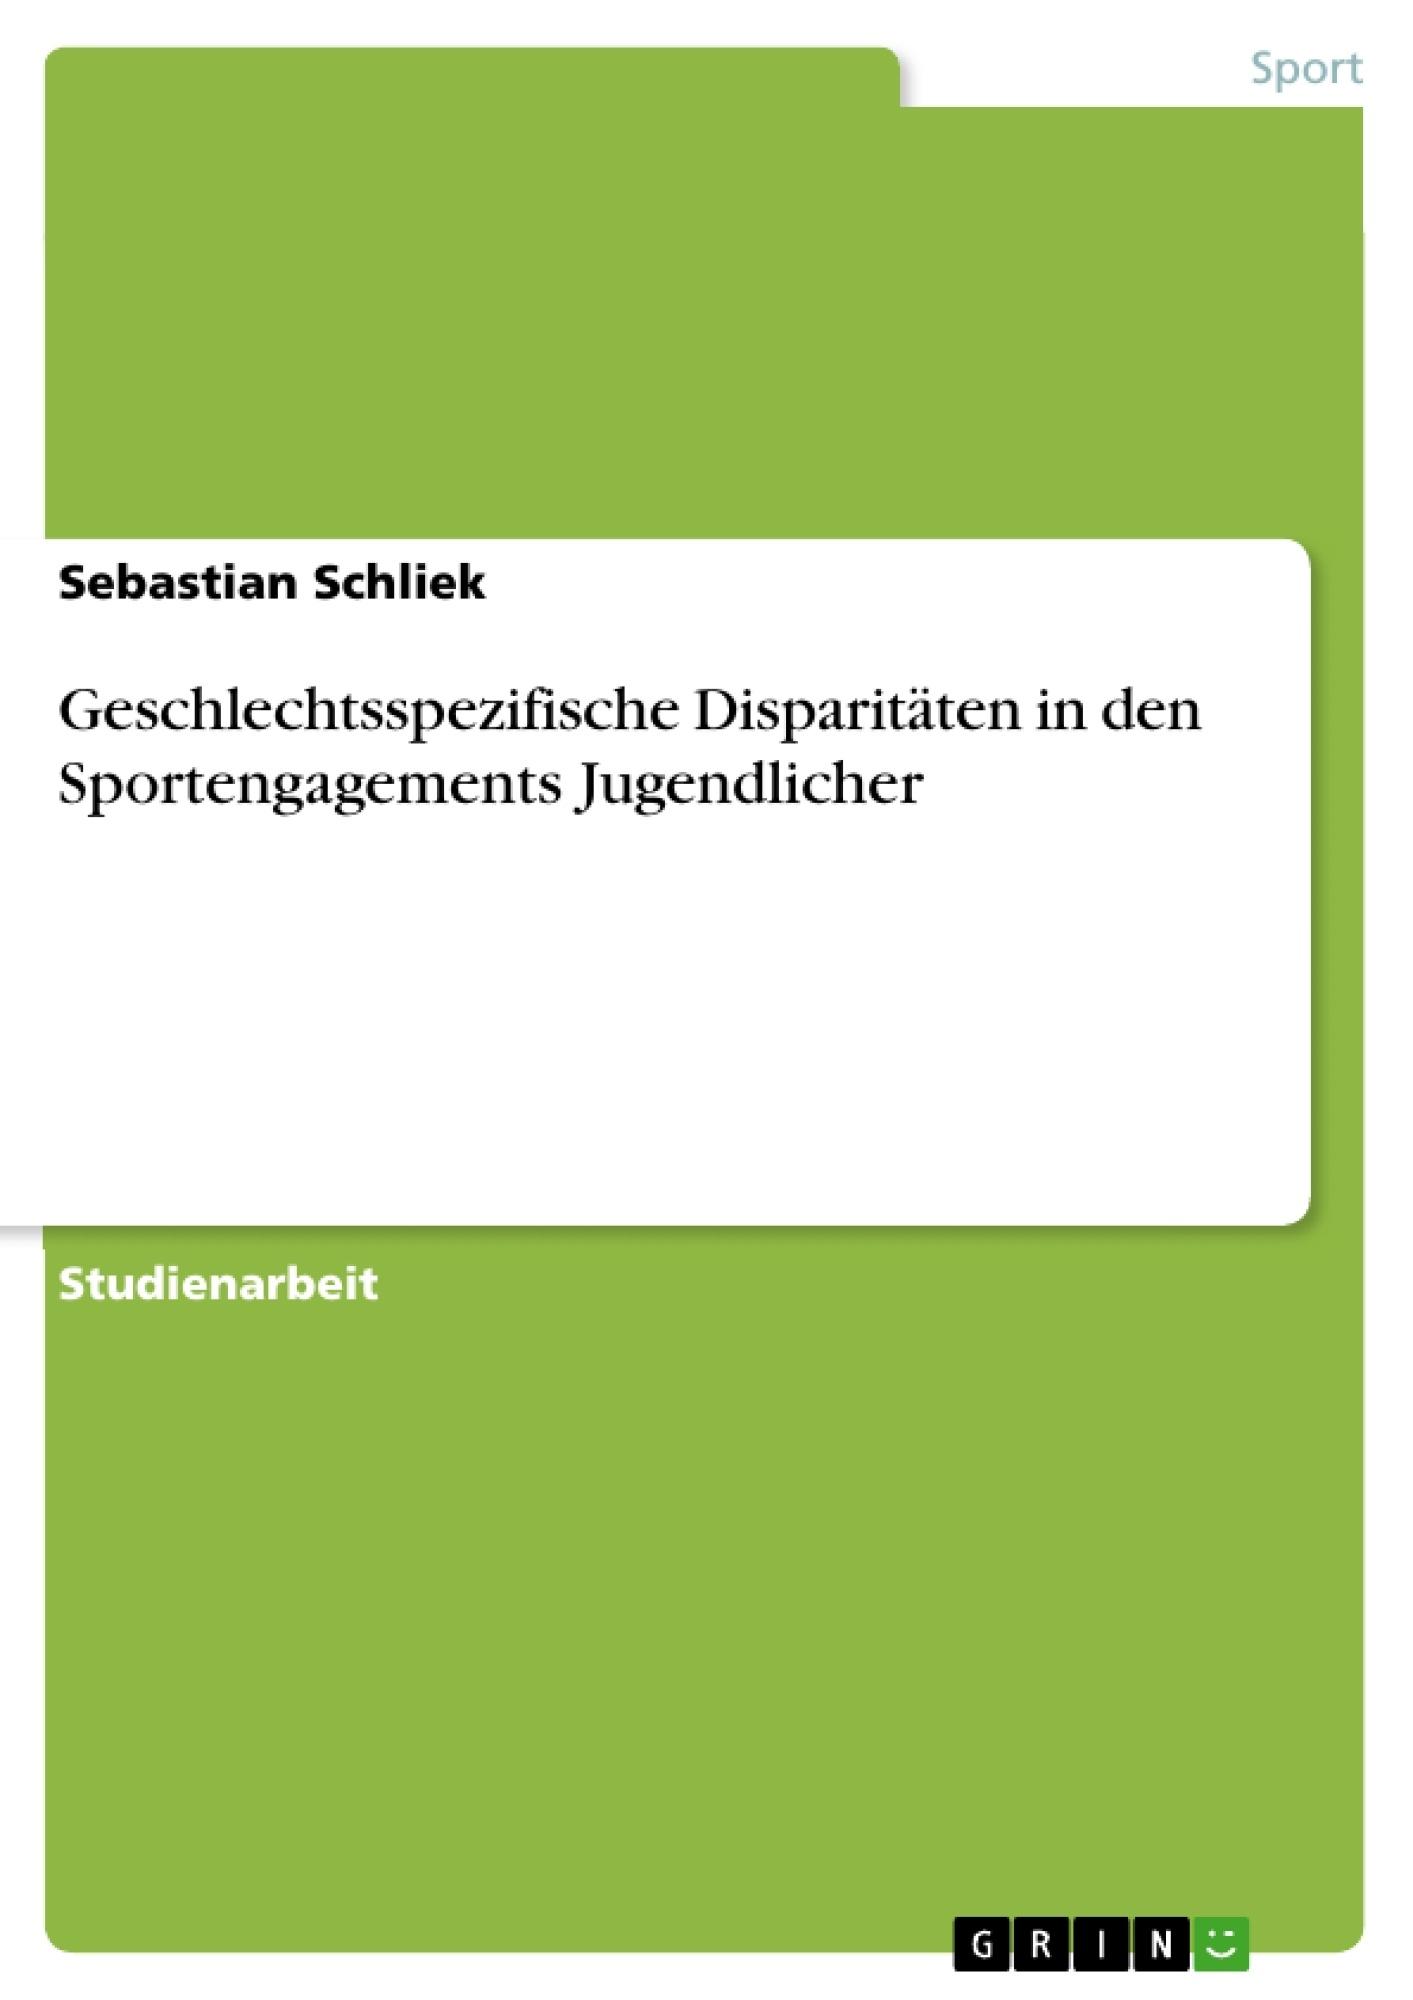 Titel: Geschlechtsspezifische Disparitäten in den Sportengagements Jugendlicher